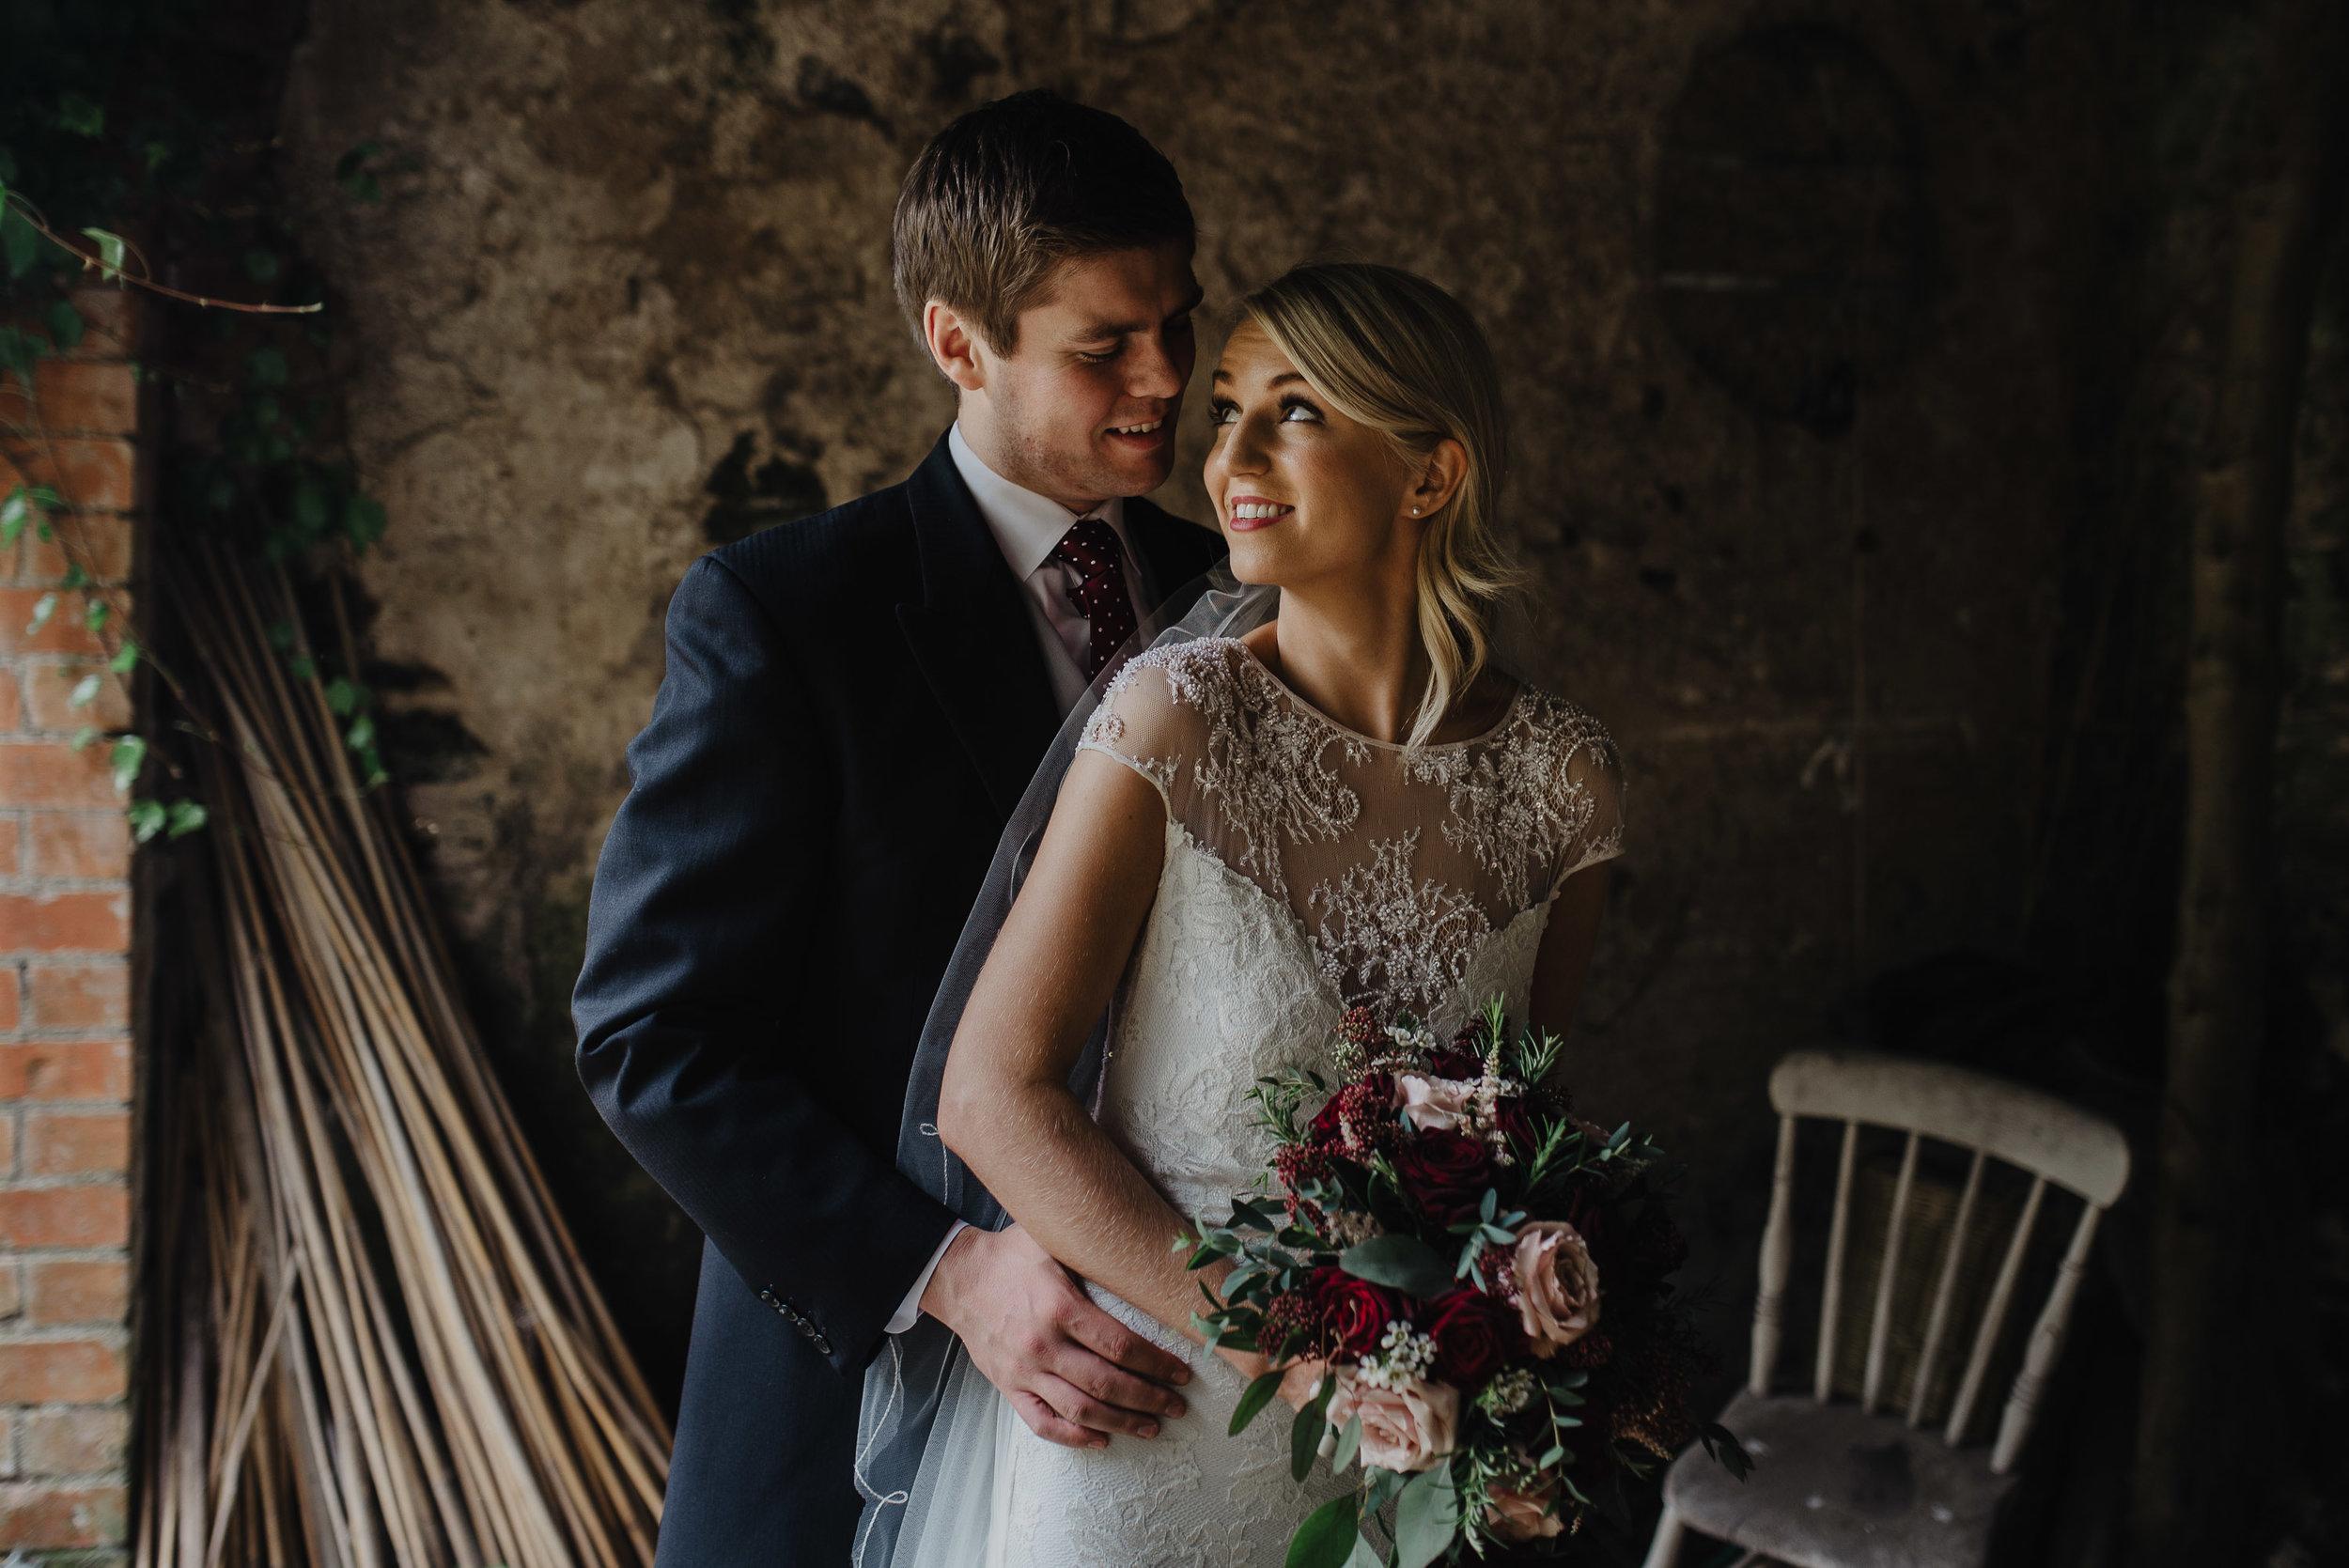 larchfield estate wedding photos-107.jpg